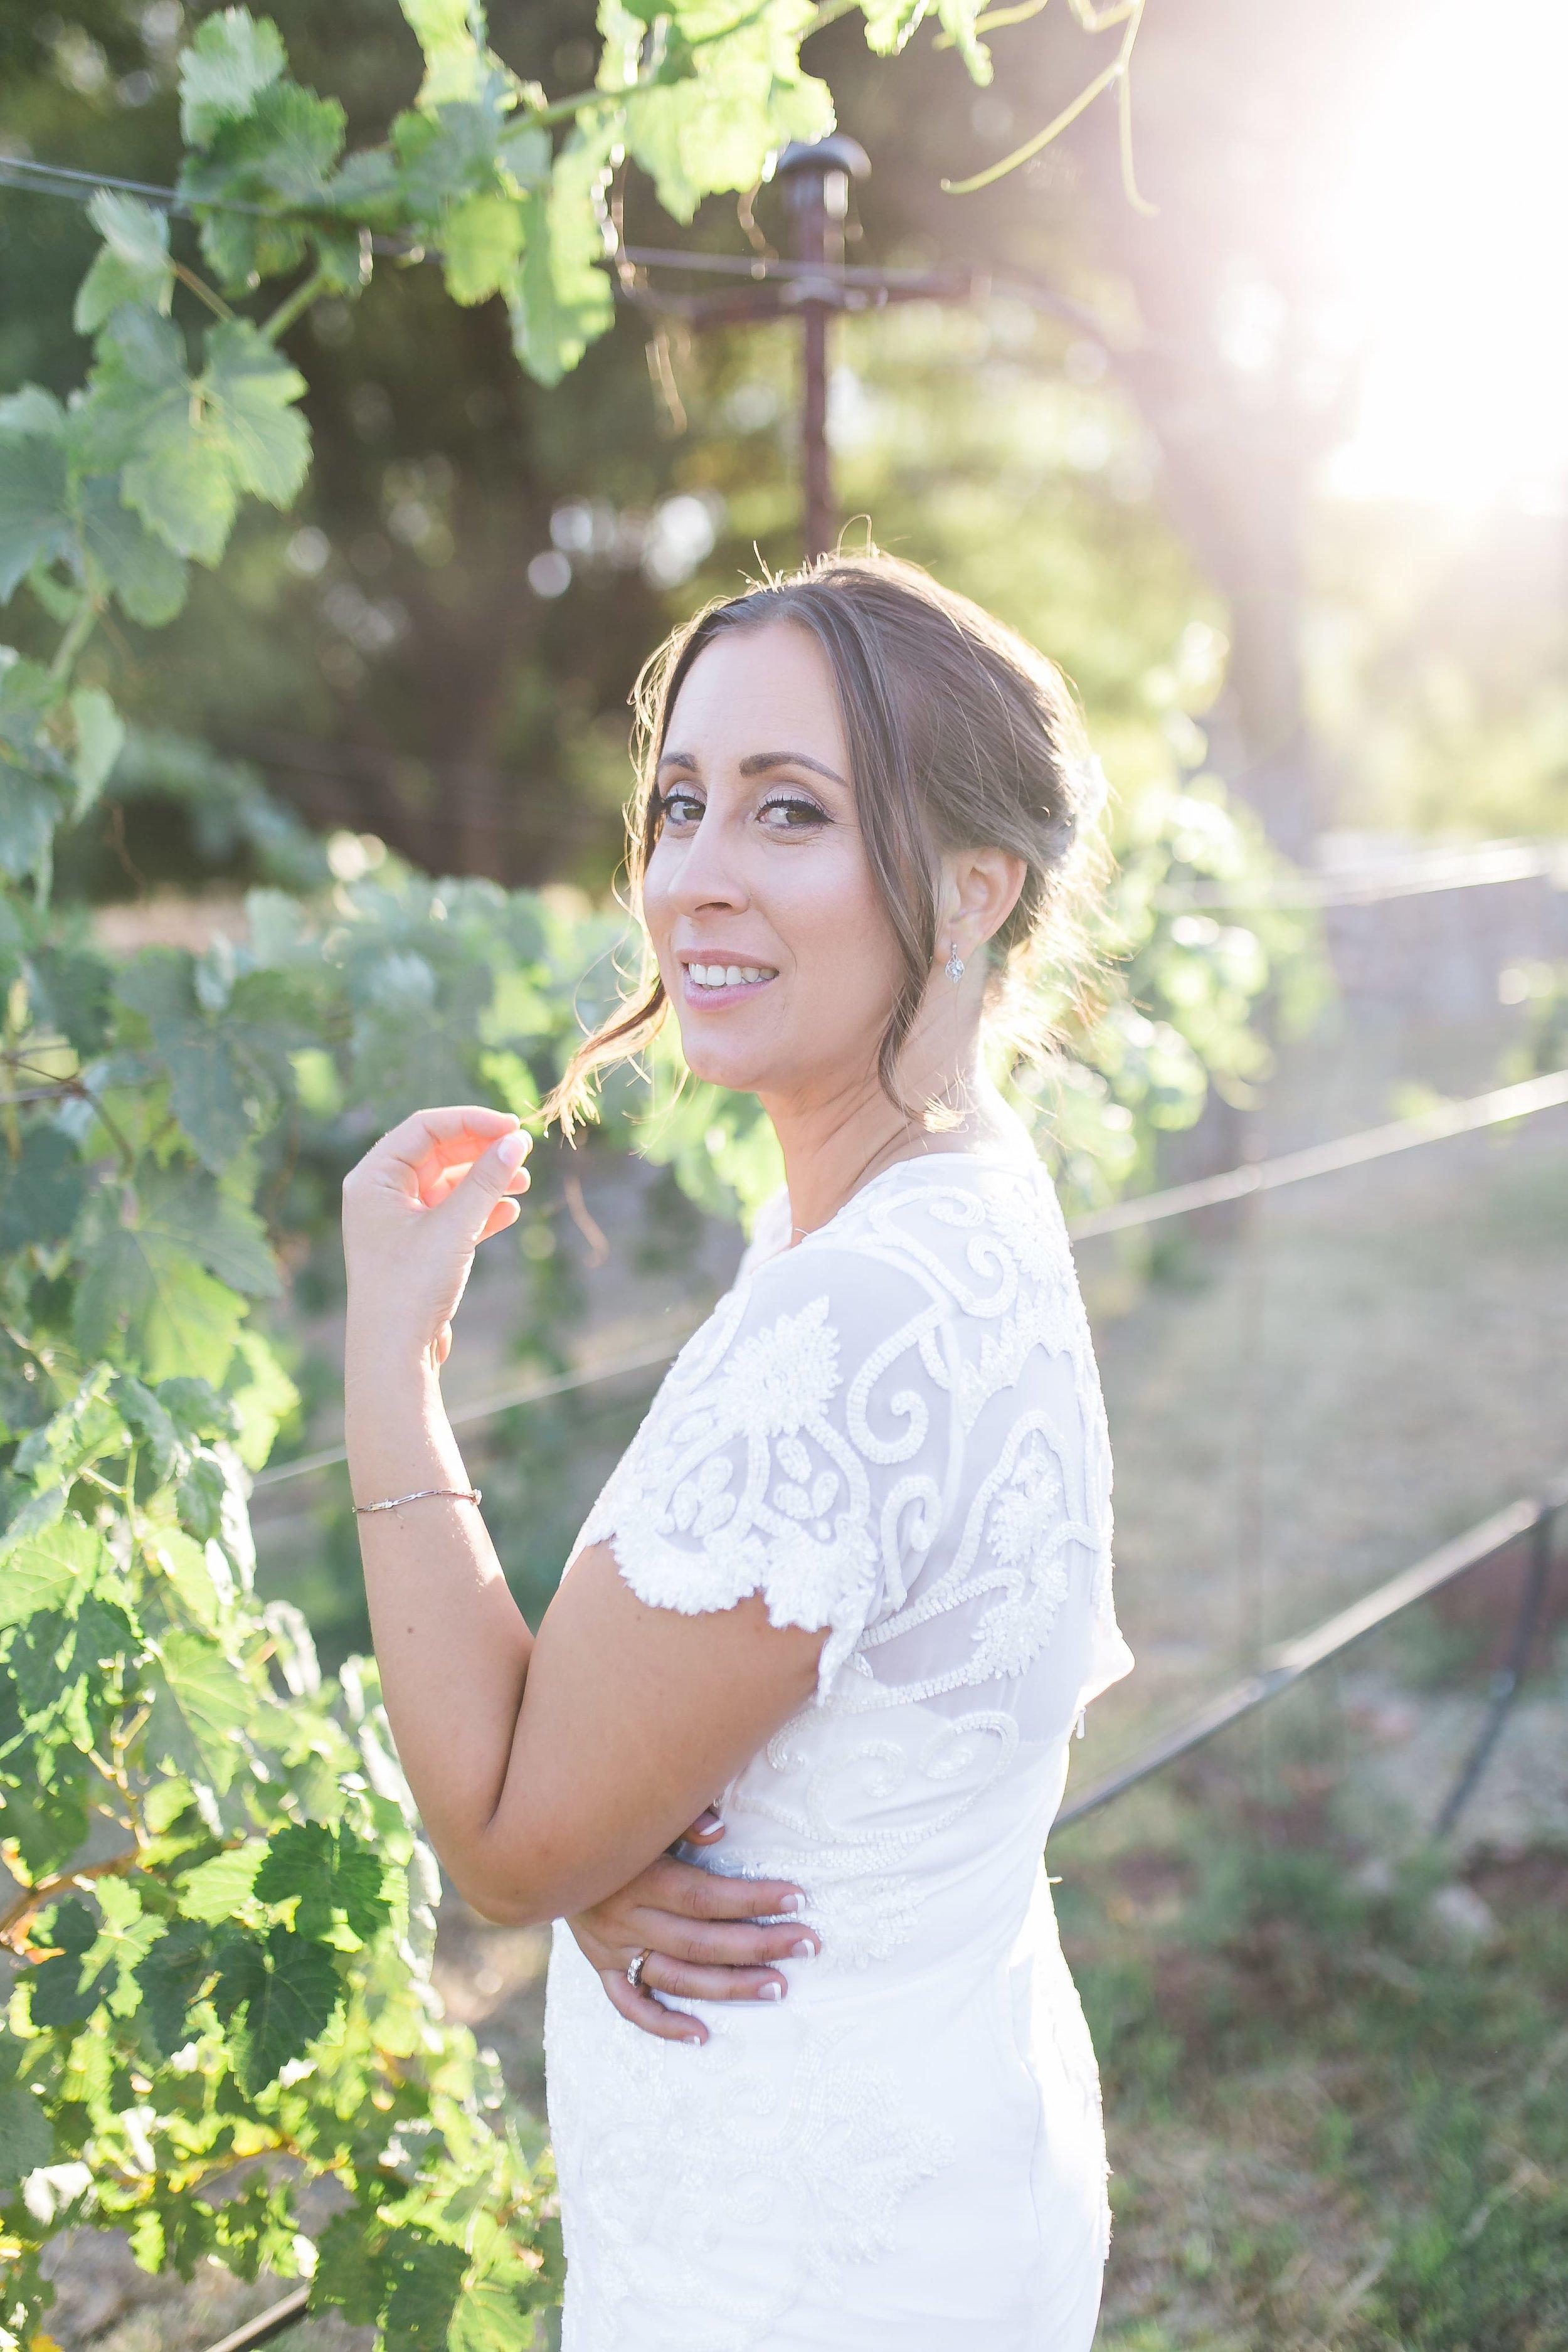 Page Springs Arizona Wedding Photos - Page Springs Wedding Photographer - Tara Nichole Photo.jpg